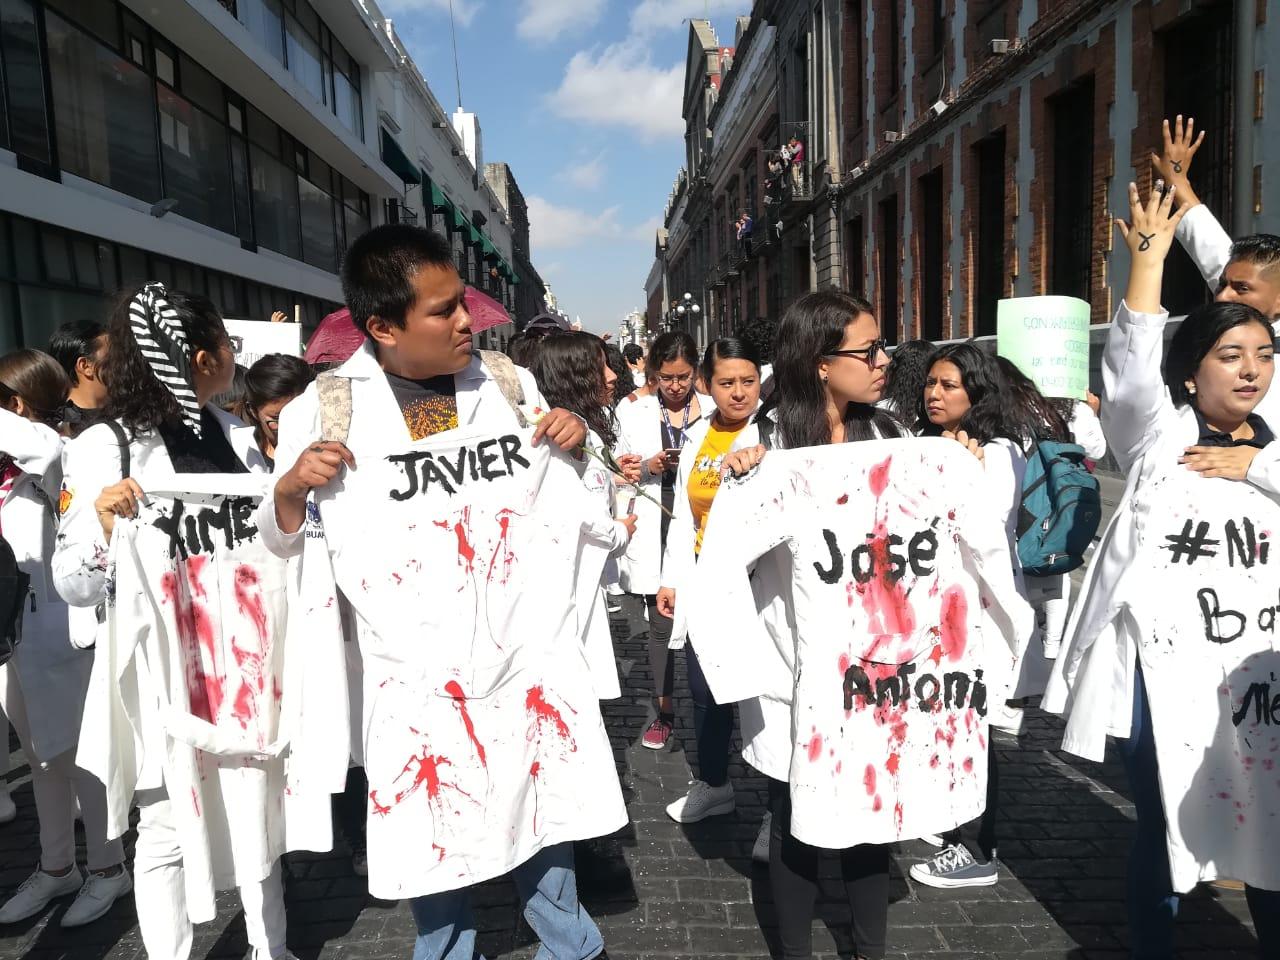 Estudiantes de la BUAP y Upaep marchan en demanda de seguridad y justicia por sus compañeros asesinados